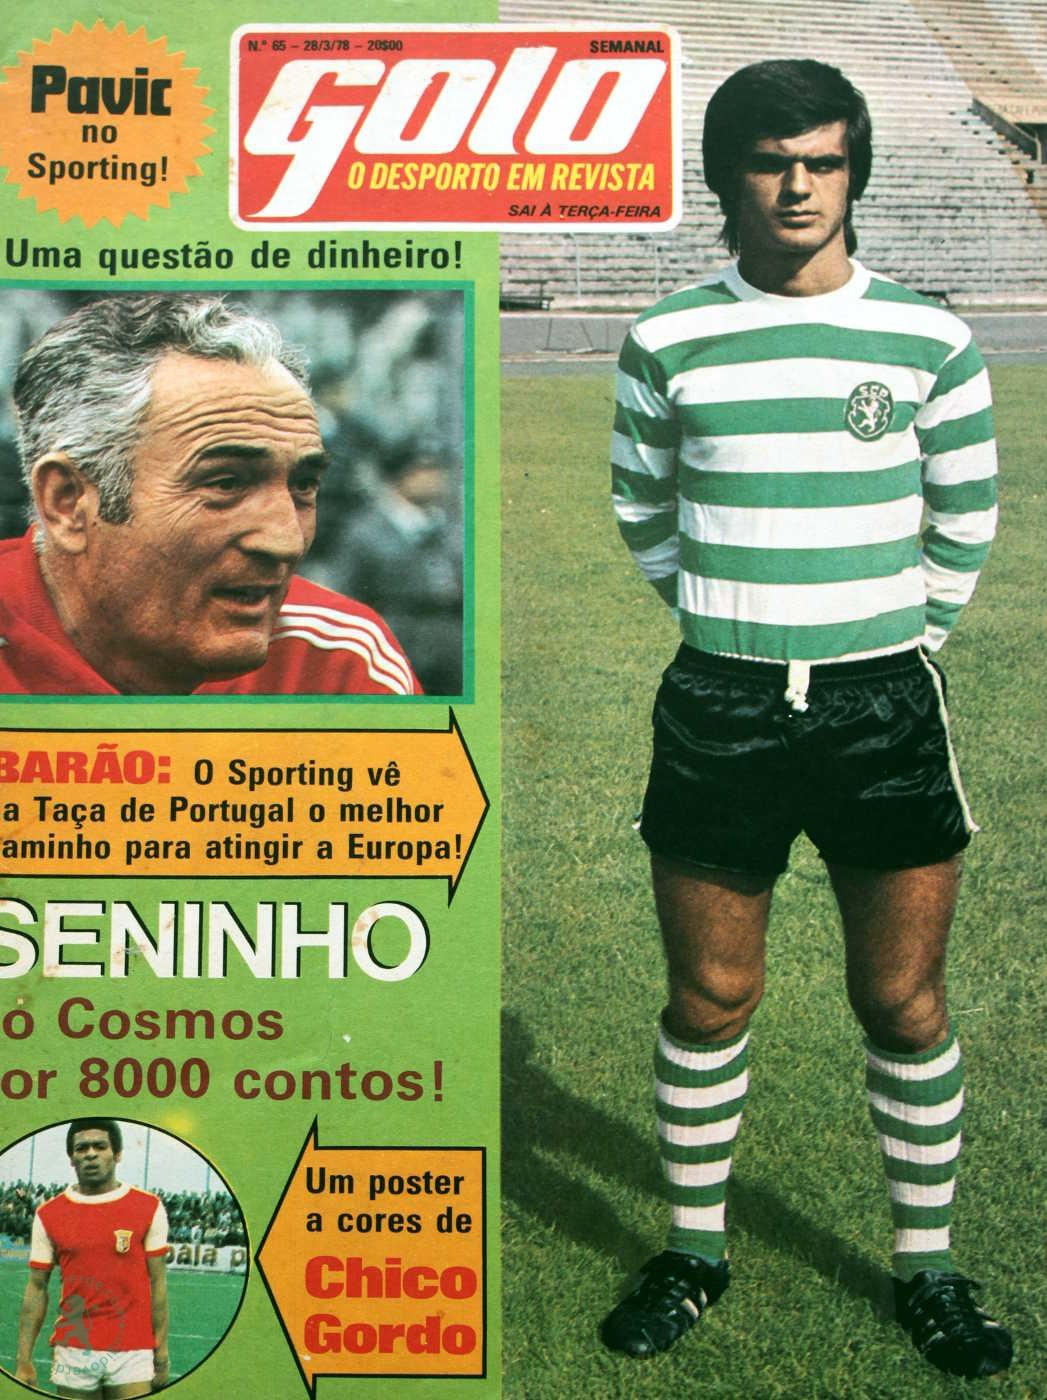 Barão em 1978 – De suplente no Sporting e titular na selecção de esperanças, a titular no Sporting e não convocado na selecção